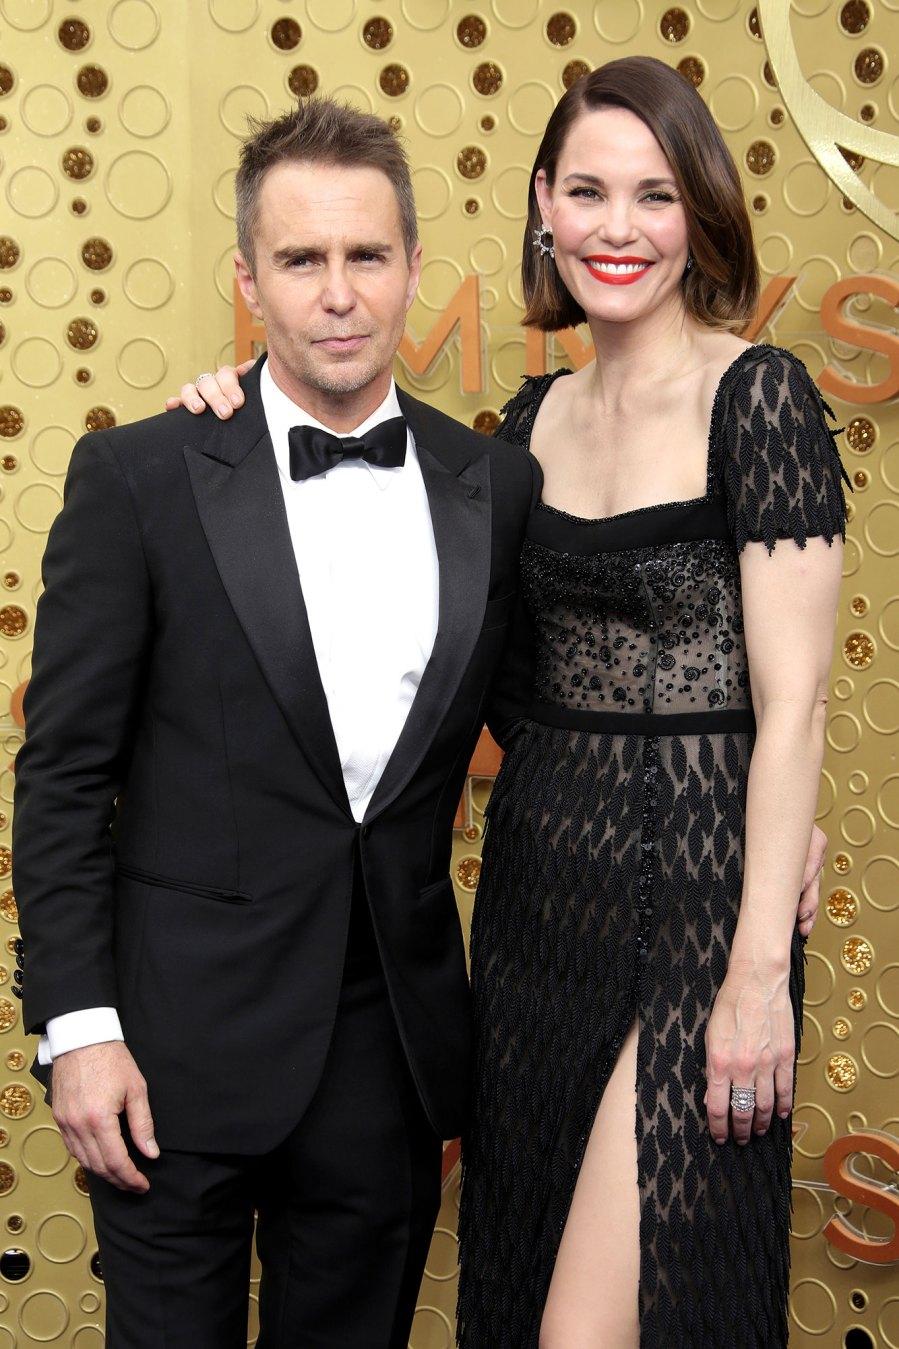 September 2019 Emmys Sam Rockwell and Leslie Bibb Relationship Timeline